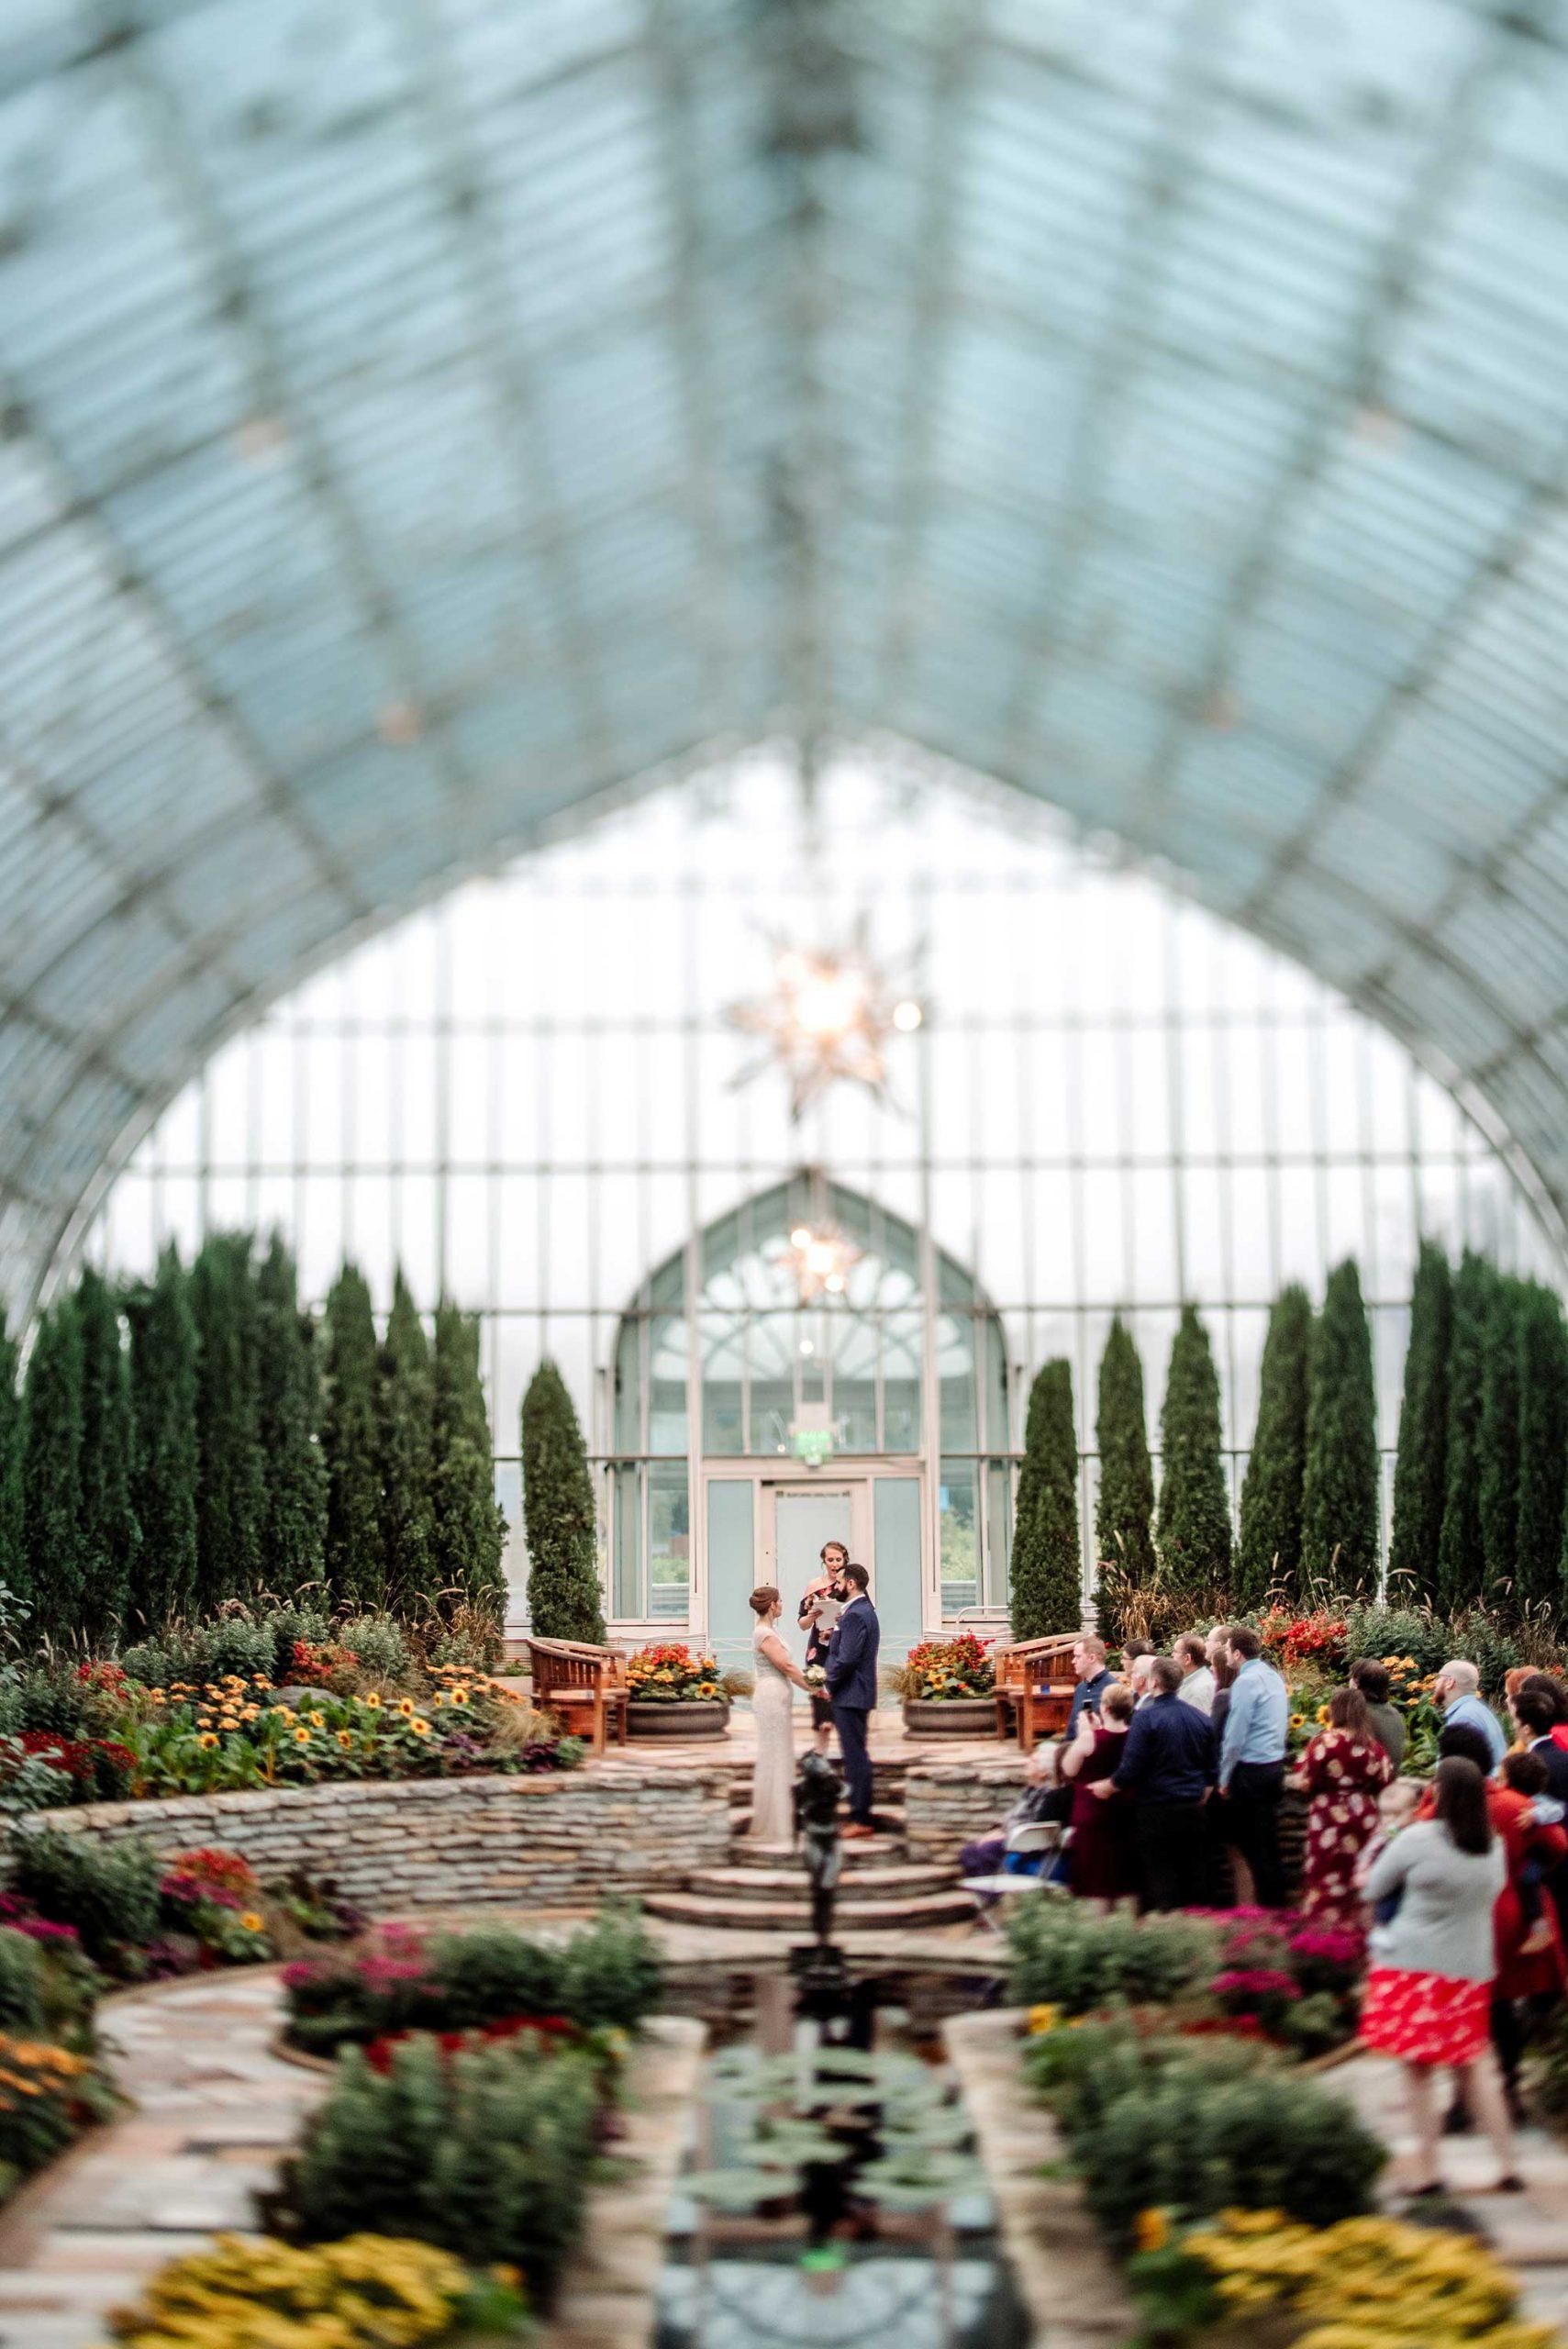 tilt shift lens photo of Como Conservatory wedding ceremony in sunken garden